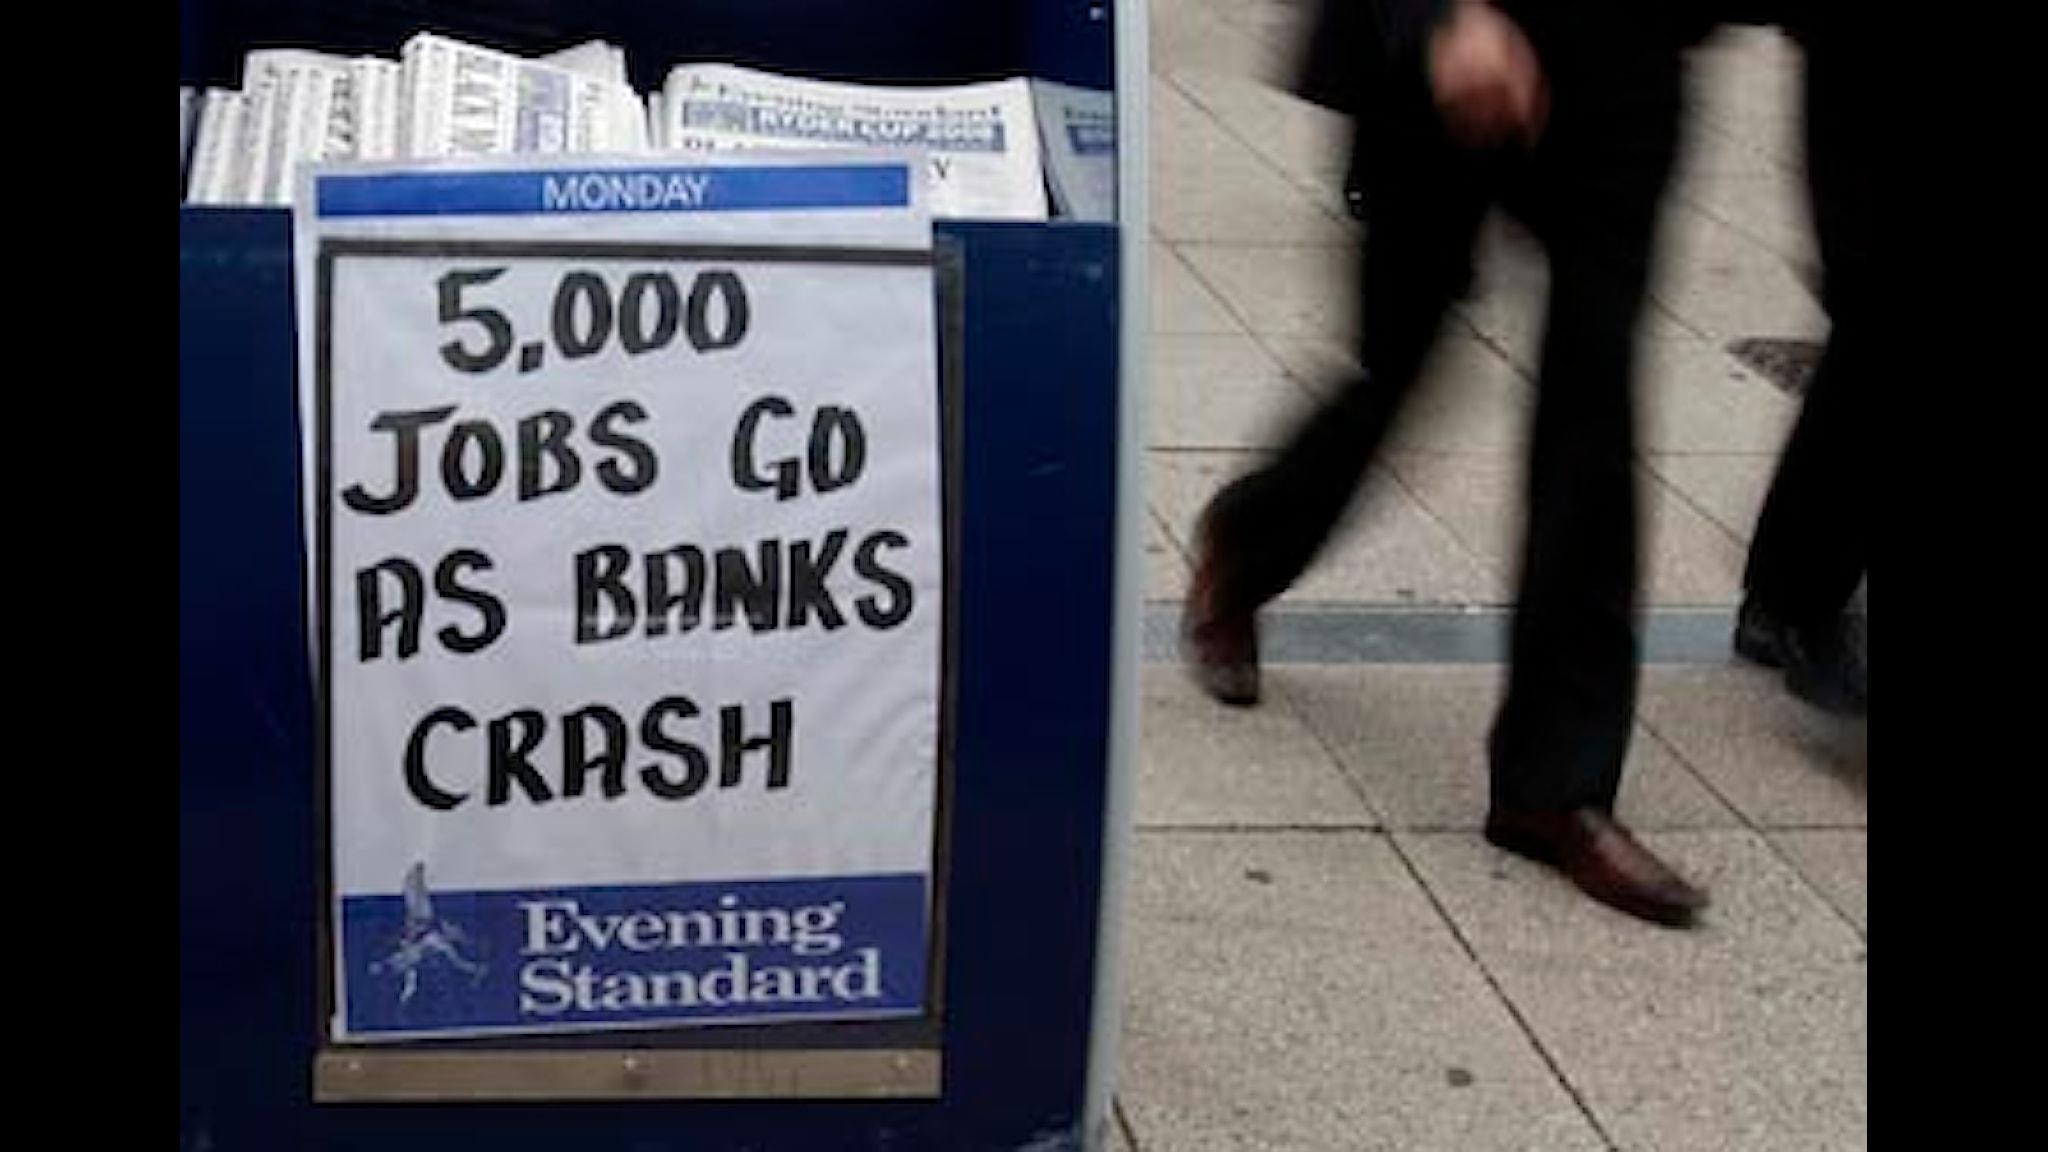 Ett år med finanskrisen. Foto: Kristy Wigglesworth/SCANPIX